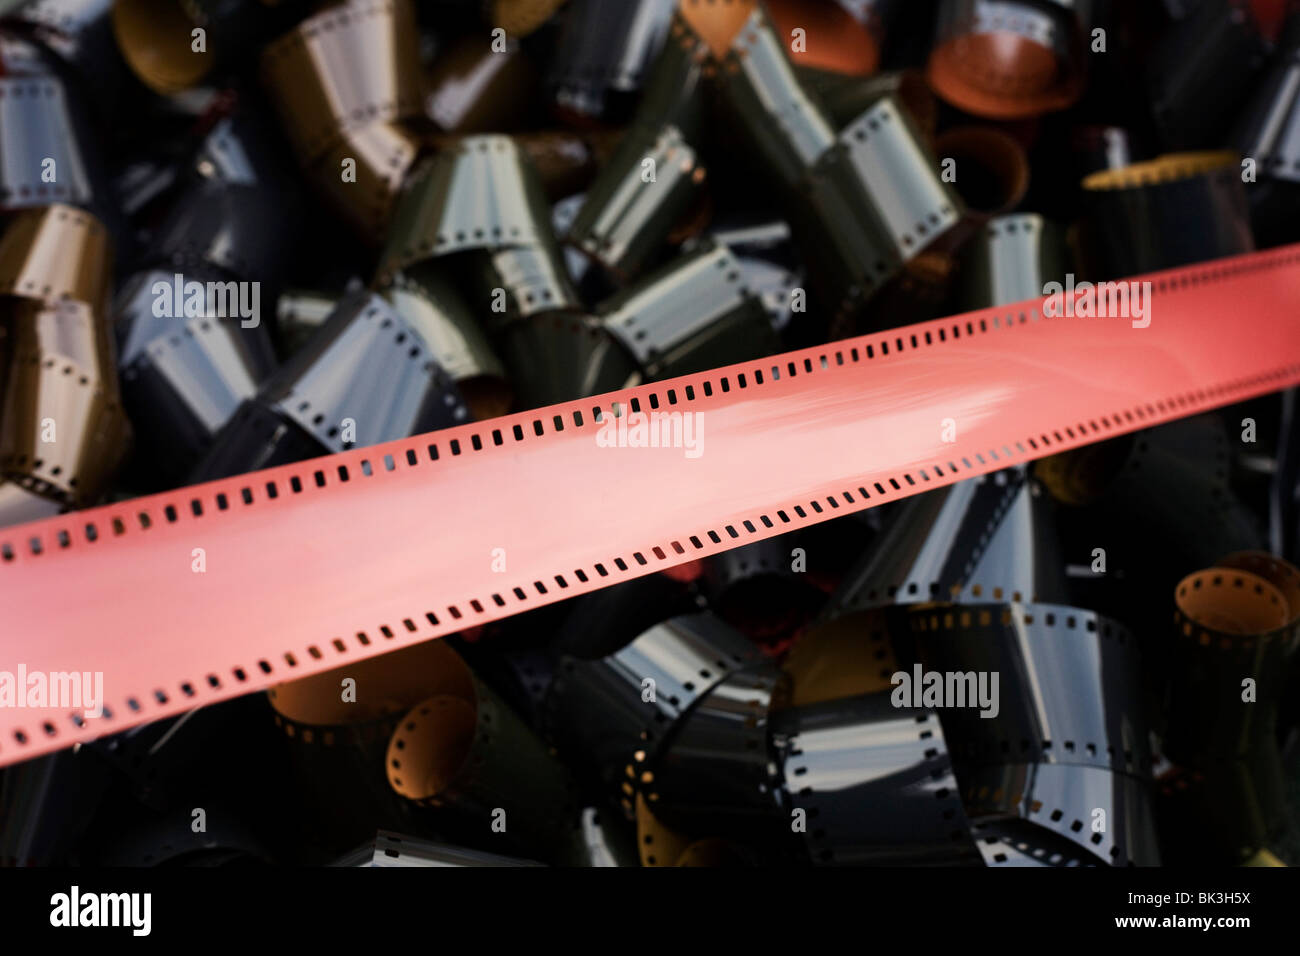 Bobine di sottosviluppati, generic 35mm Pellicola emulsione, un antiquata tecnologia analogica sostituita dalla Immagini Stock